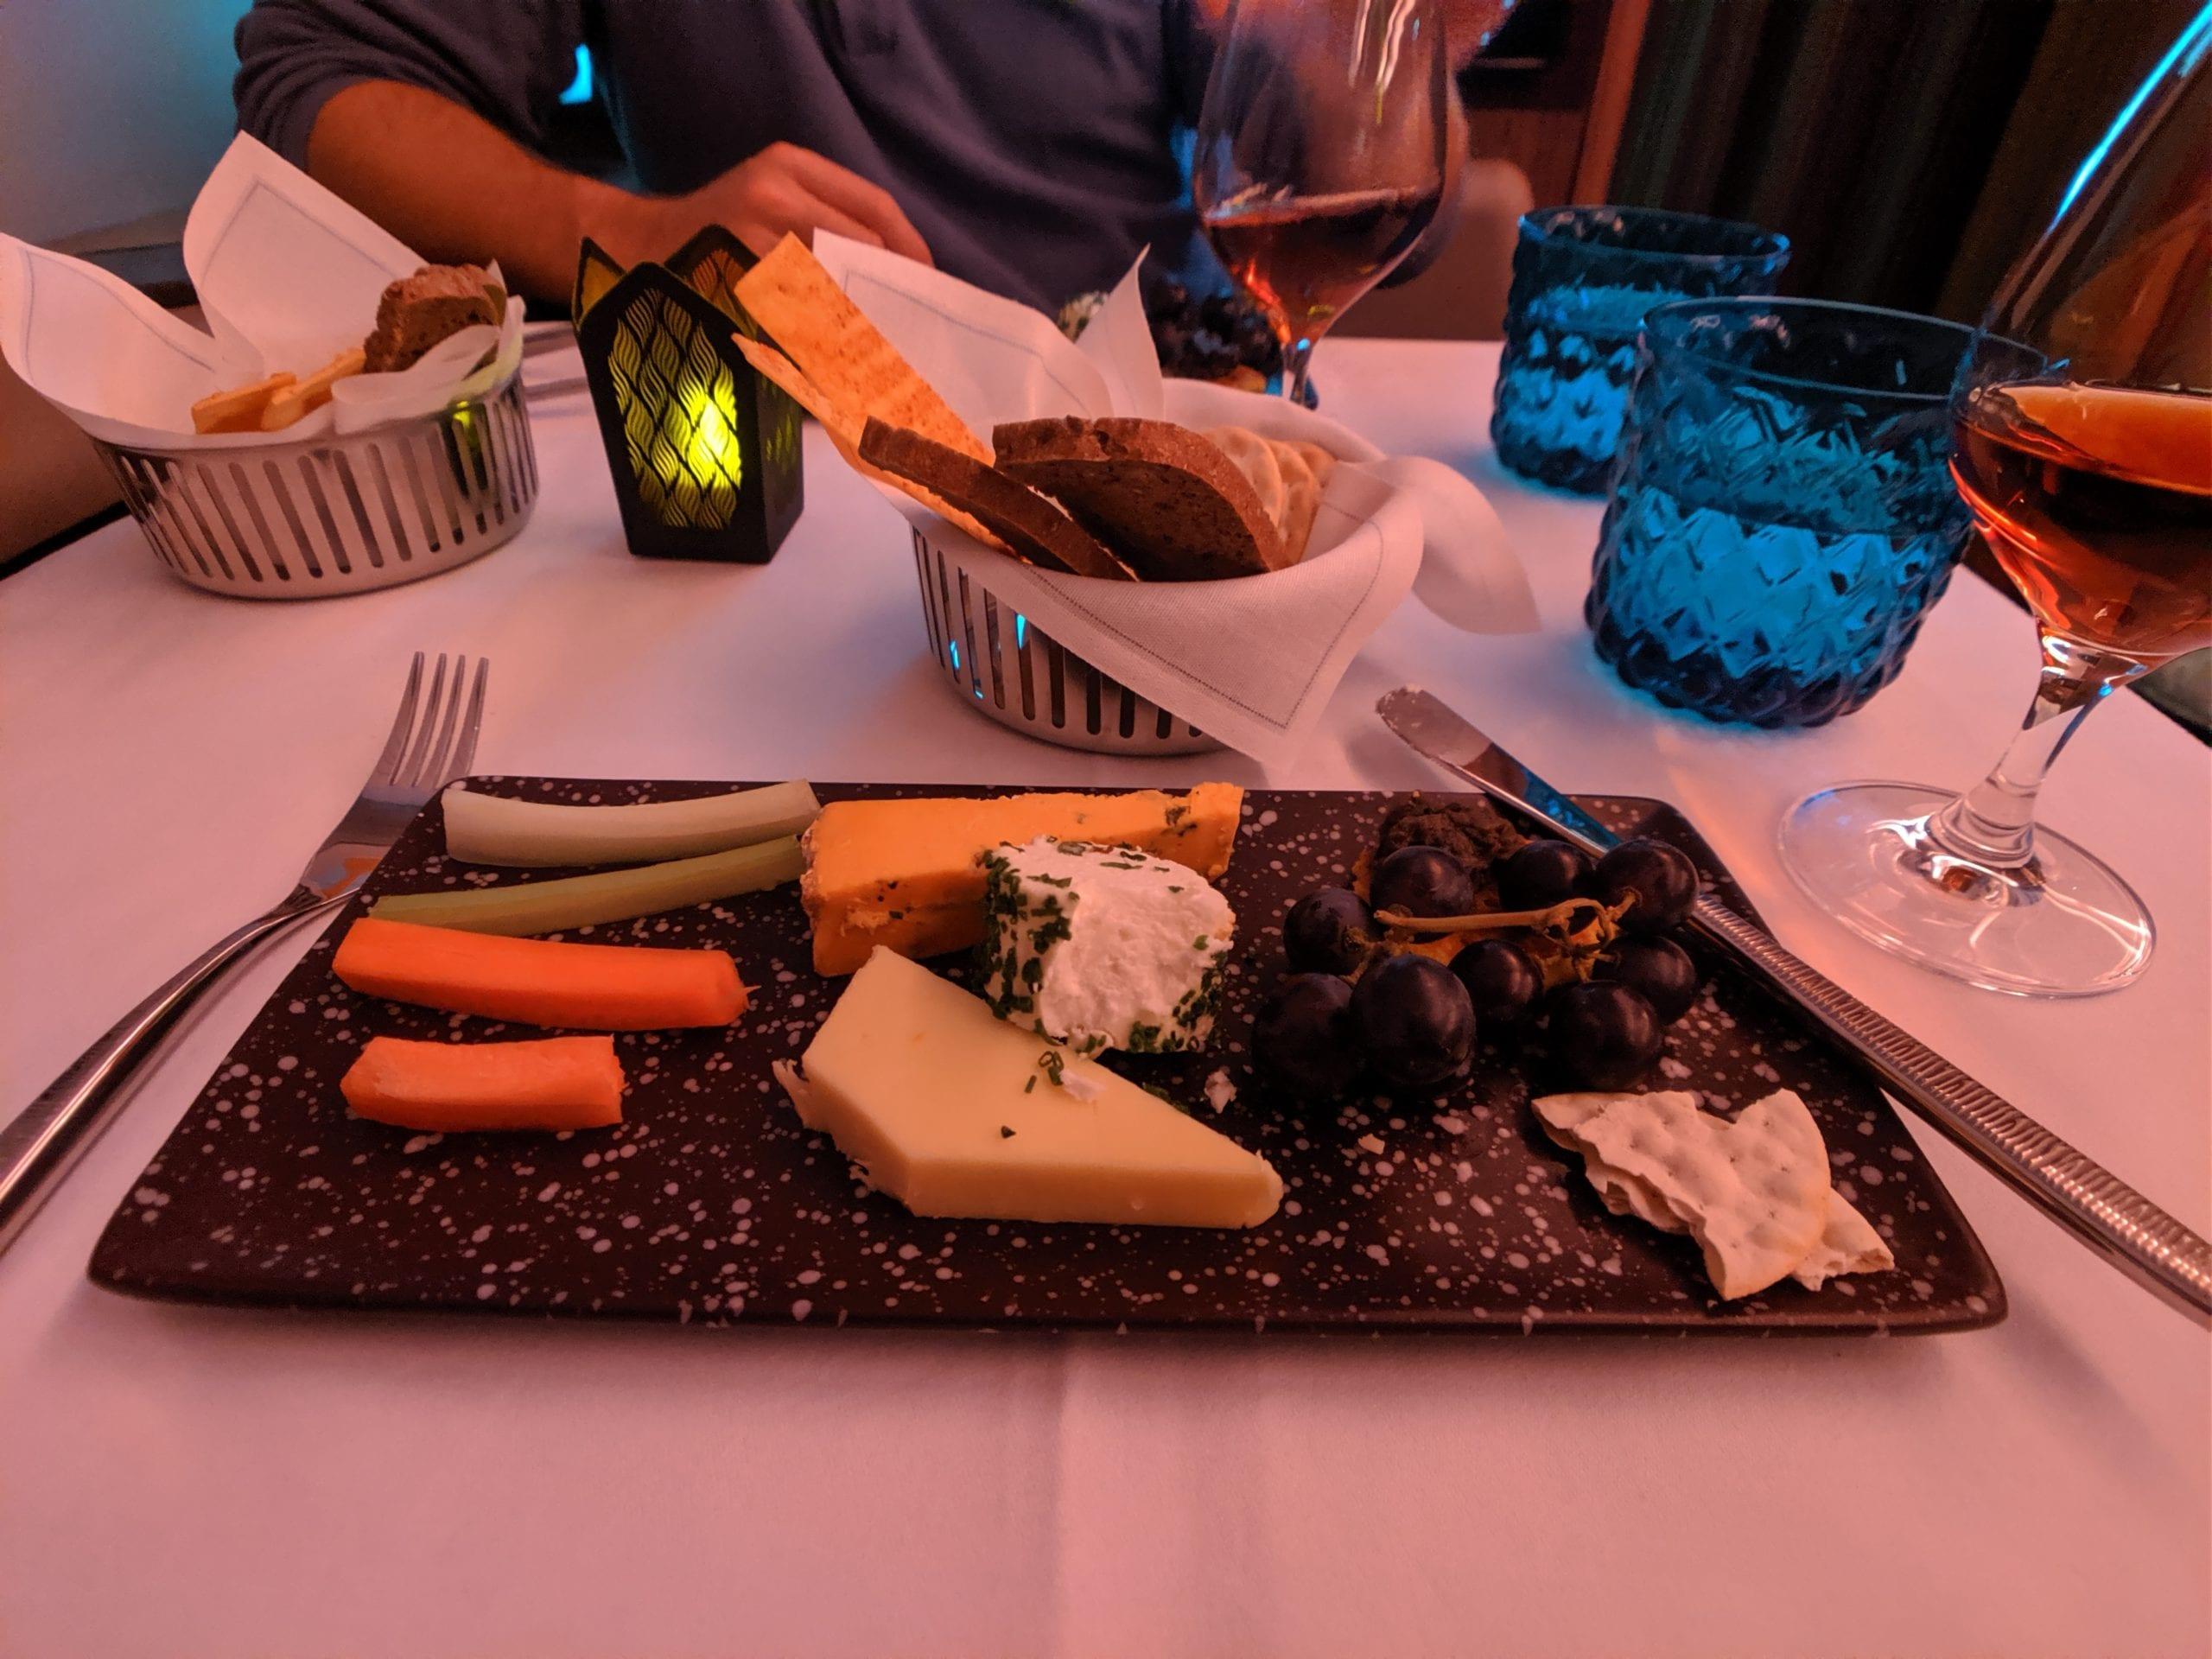 qatar airways first class cheese